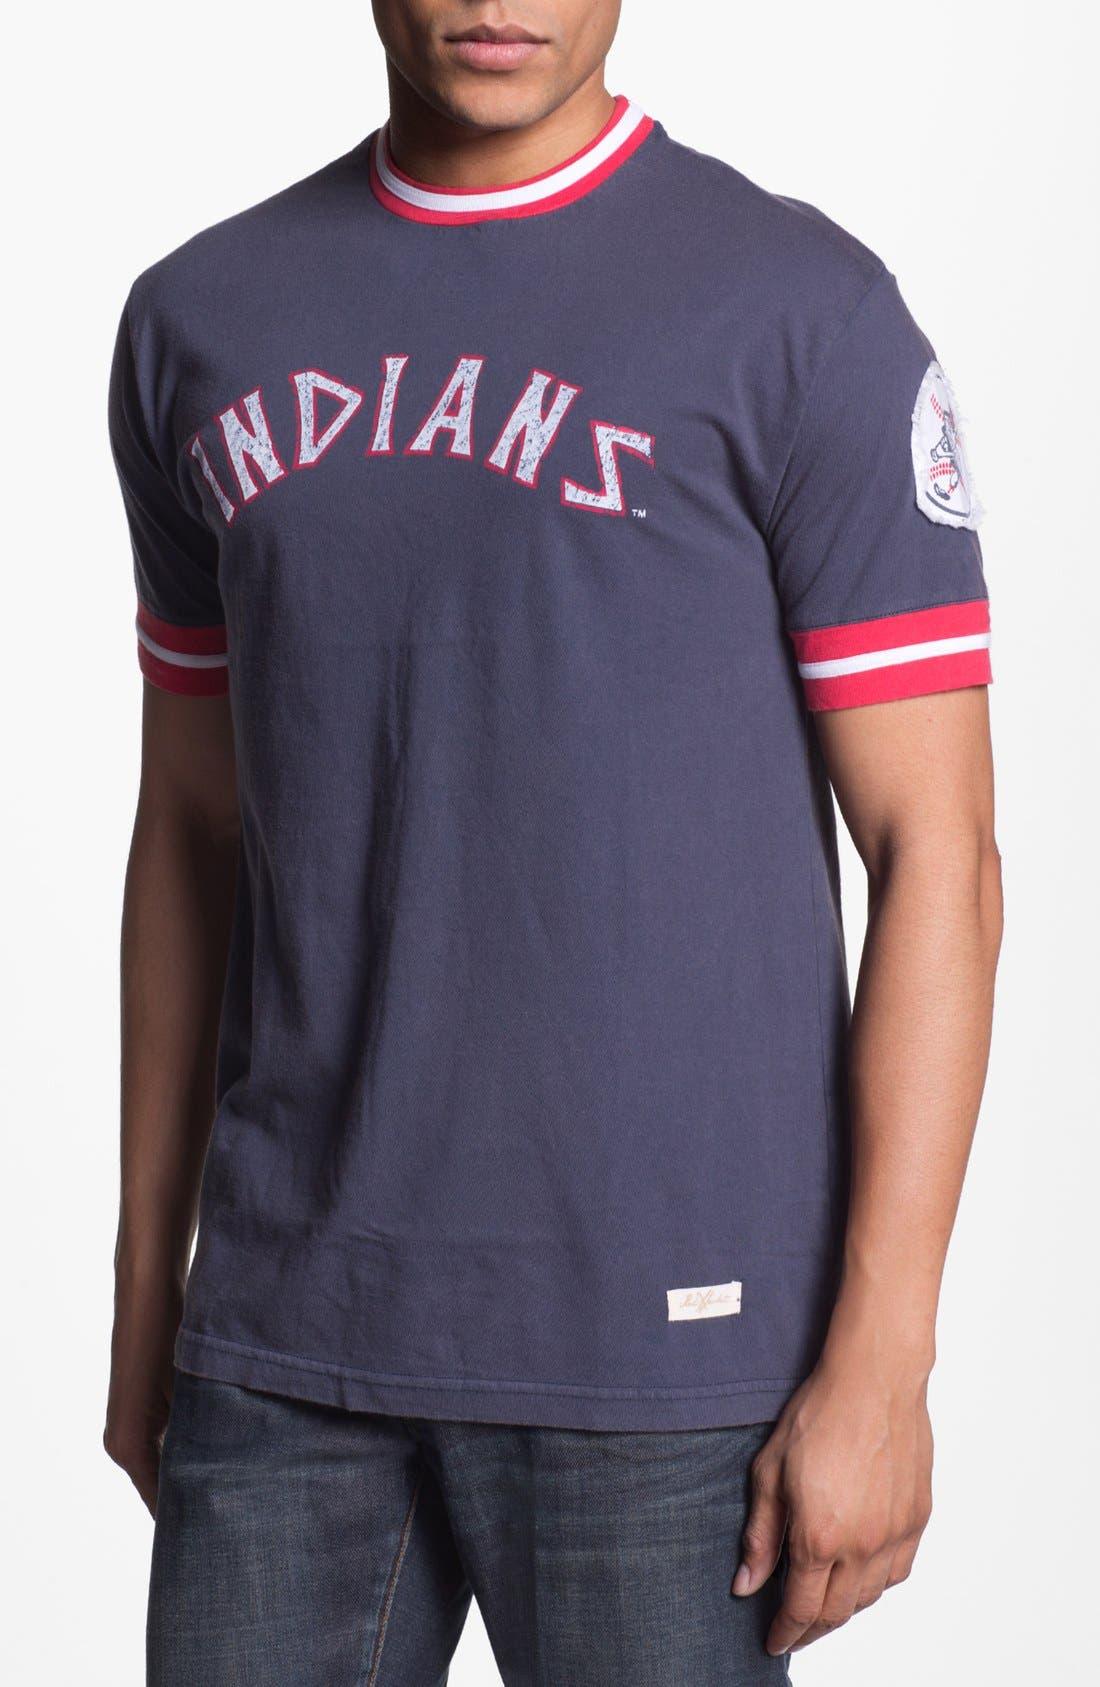 Alternate Image 1 Selected - Red Jacket 'Cleveland Indians' Trim Fit Crewneck Ringer T-Shirt